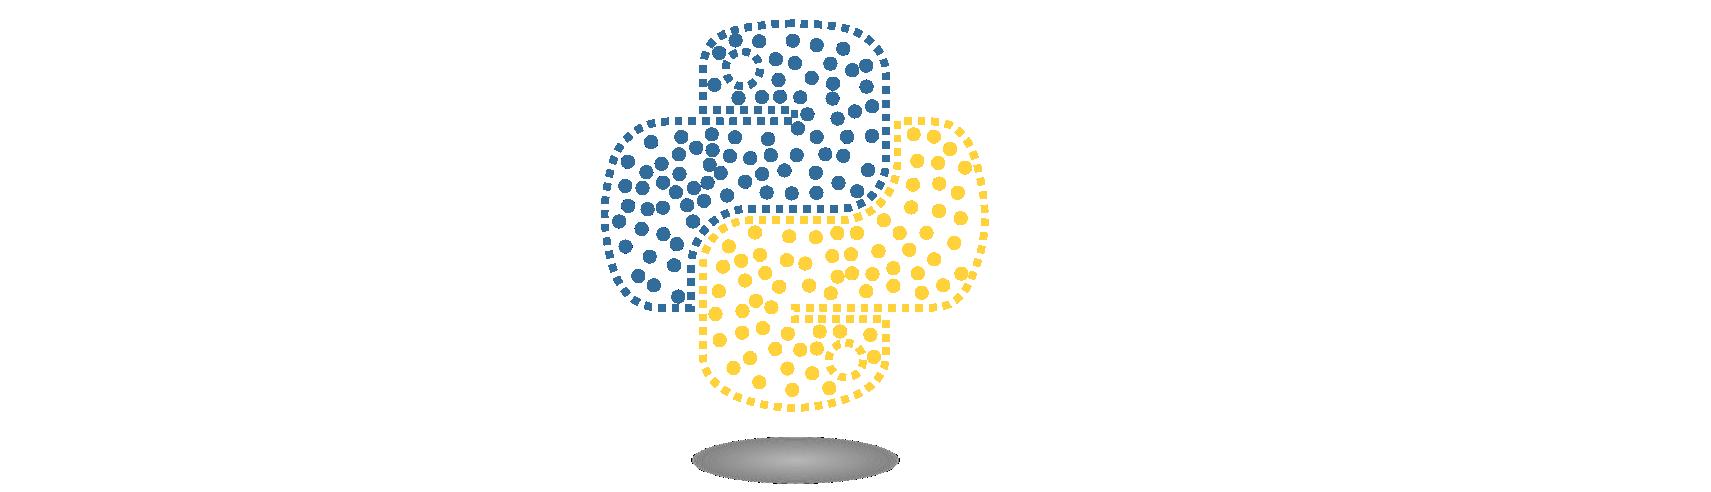 pyntcloud logo